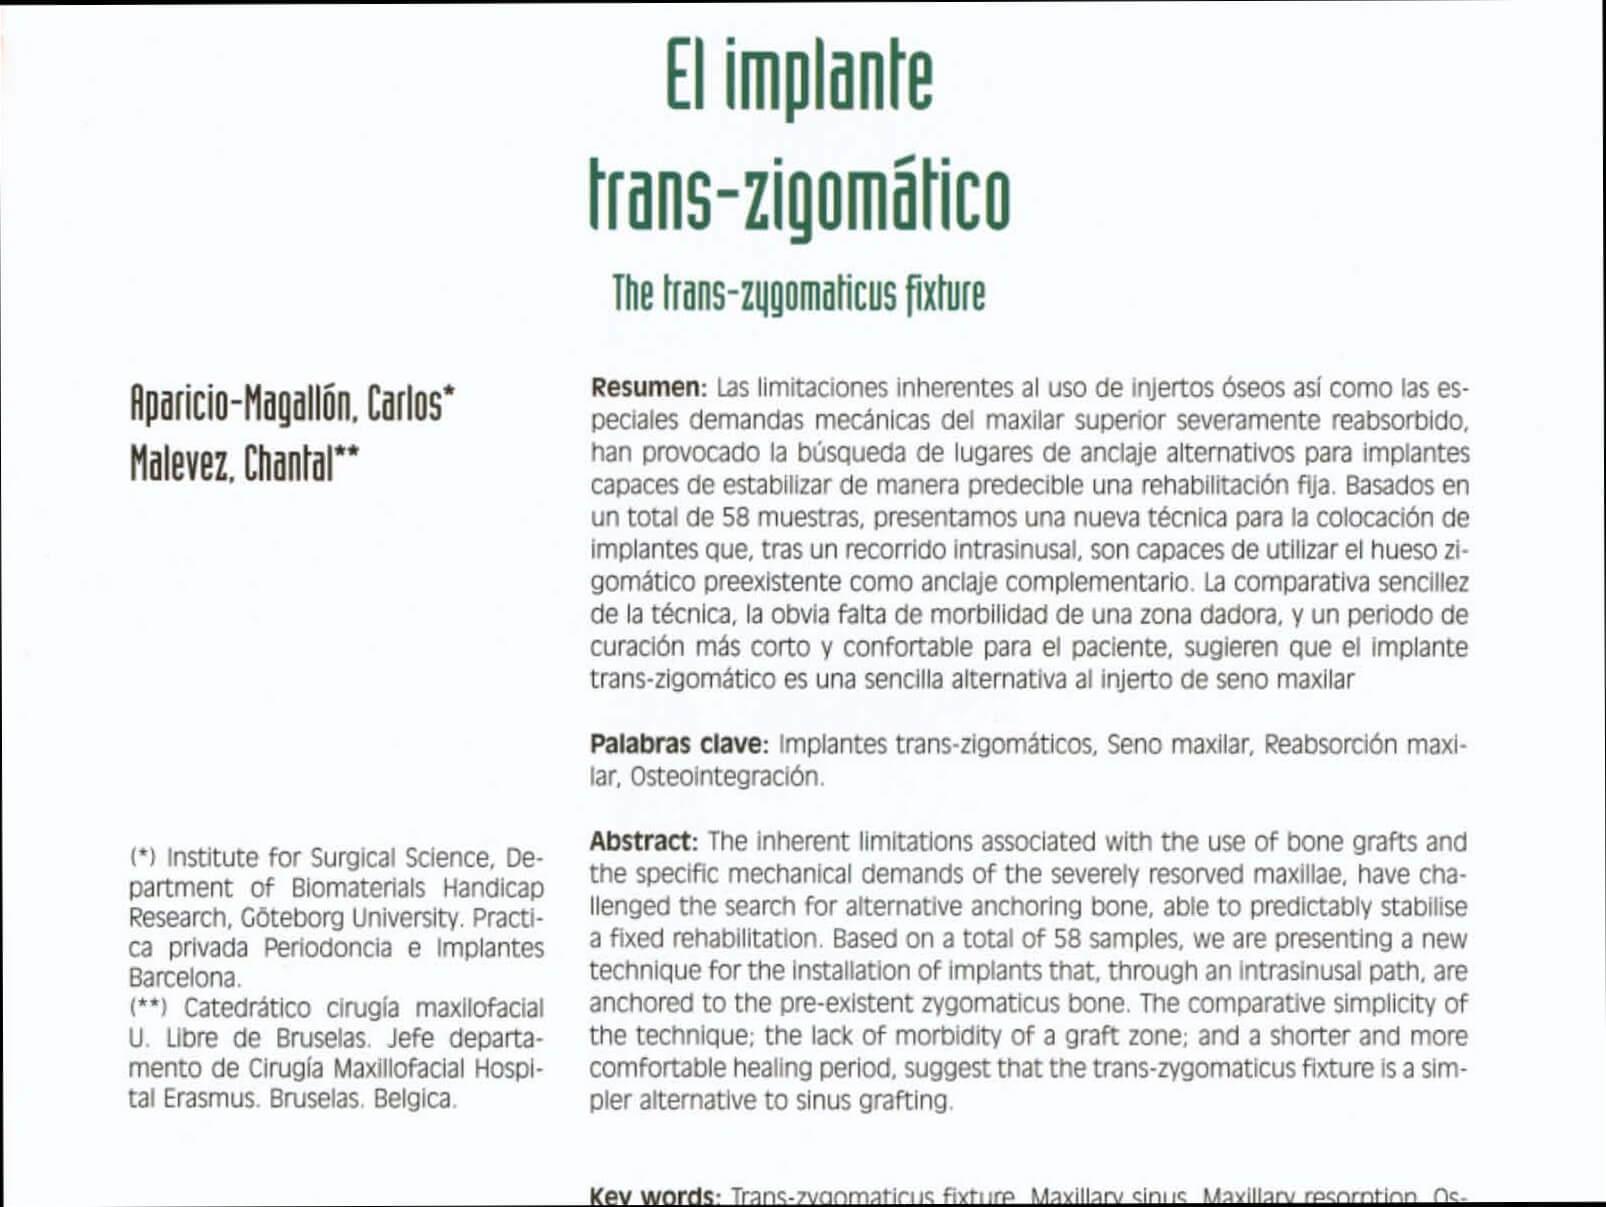 1999 El Implante Transzigomatico